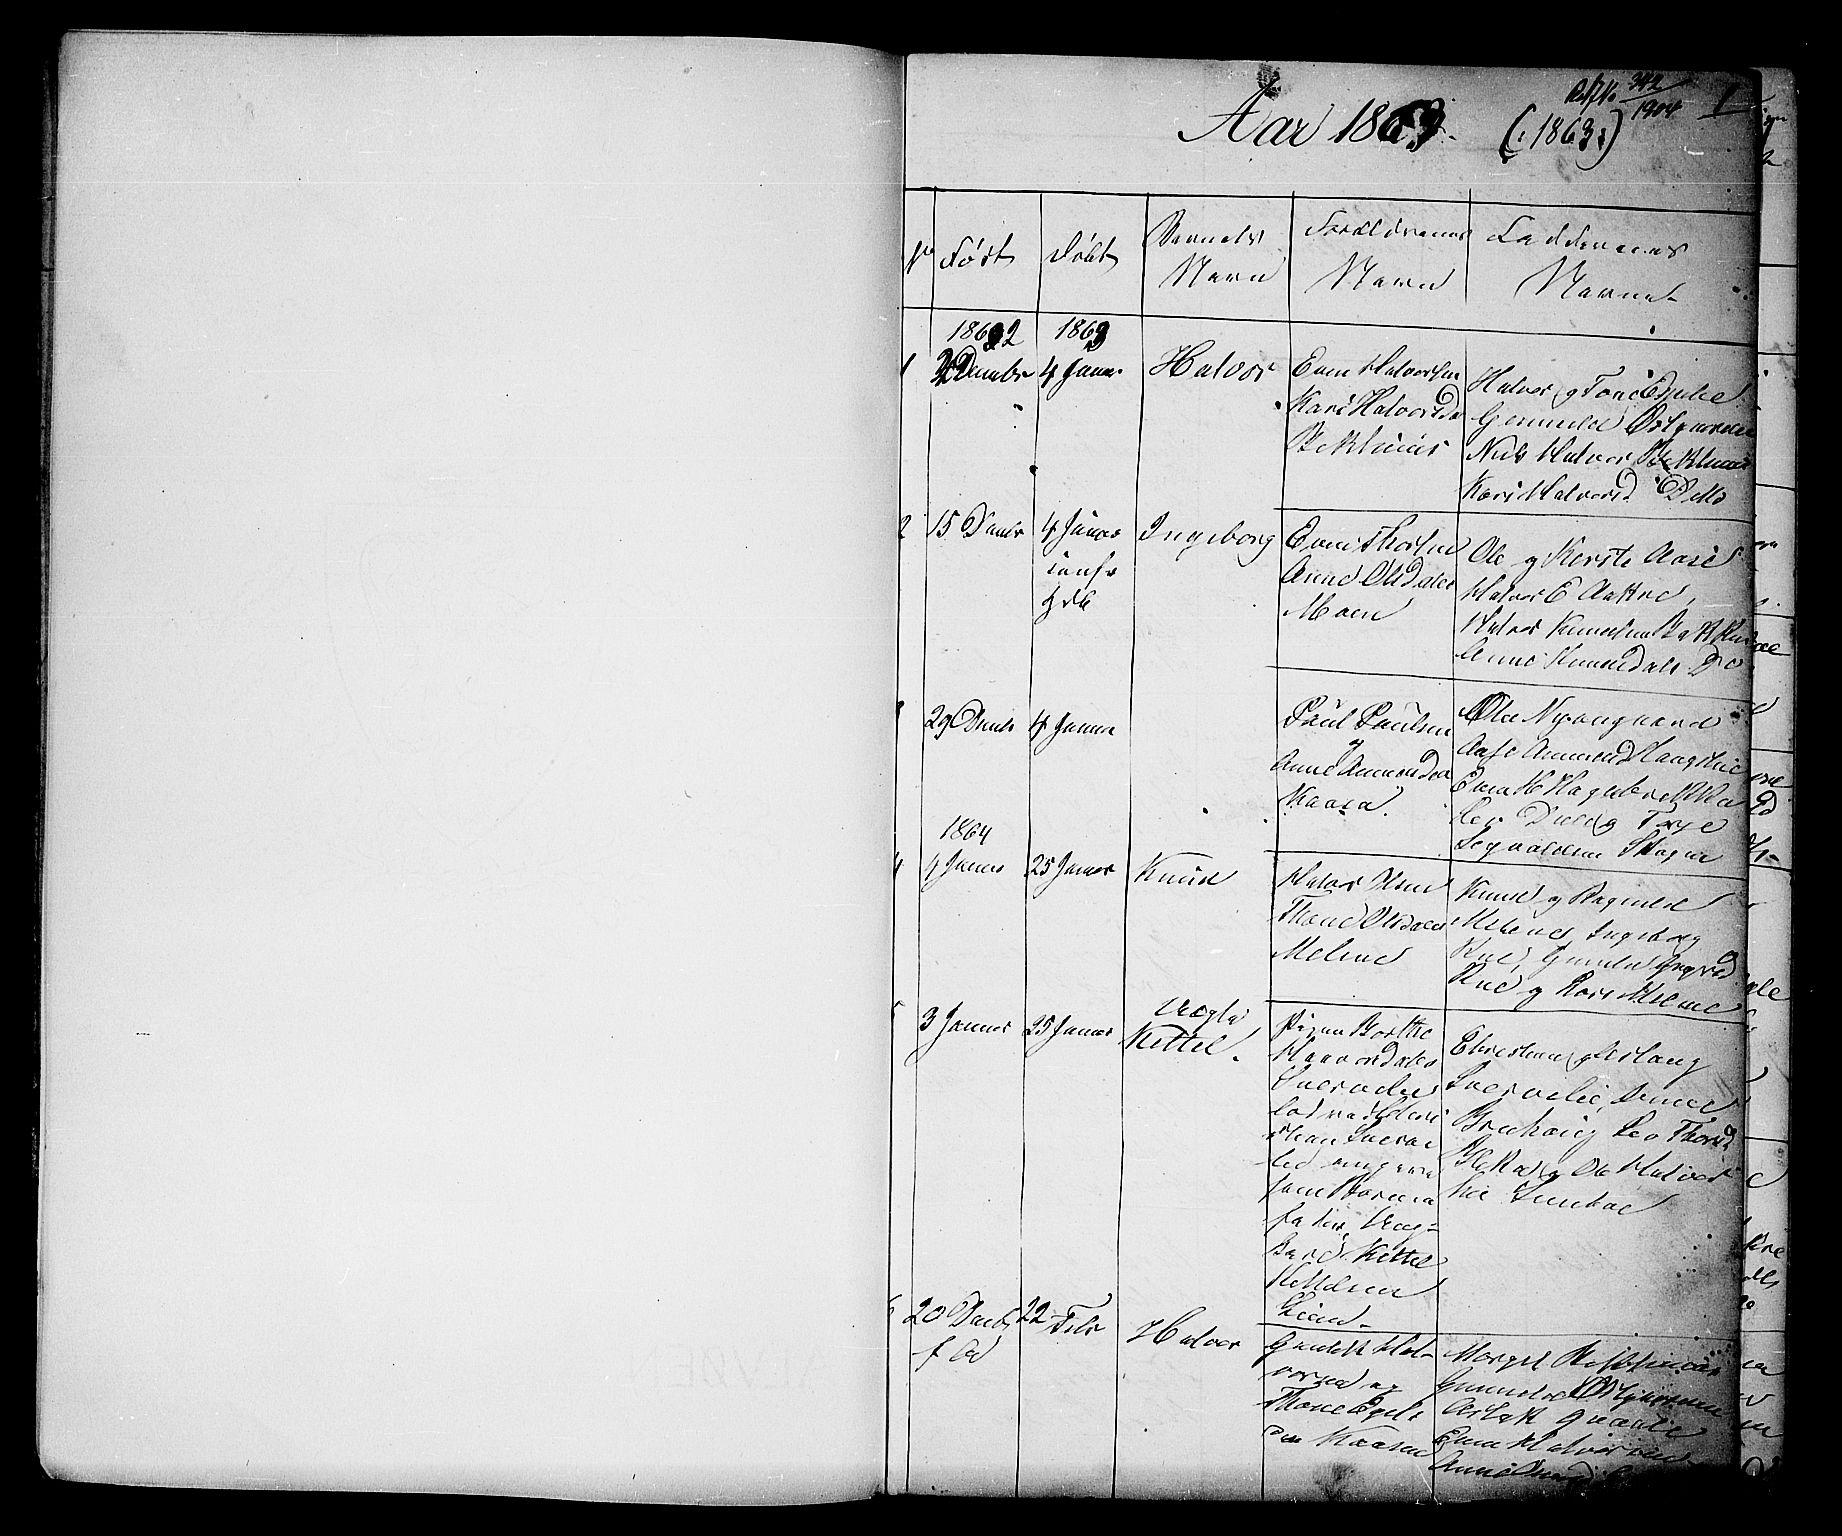 SAKO, Seljord kirkebøker, G/Gb/L0003: Klokkerbok nr. II 3, 1863-1884, s. 1